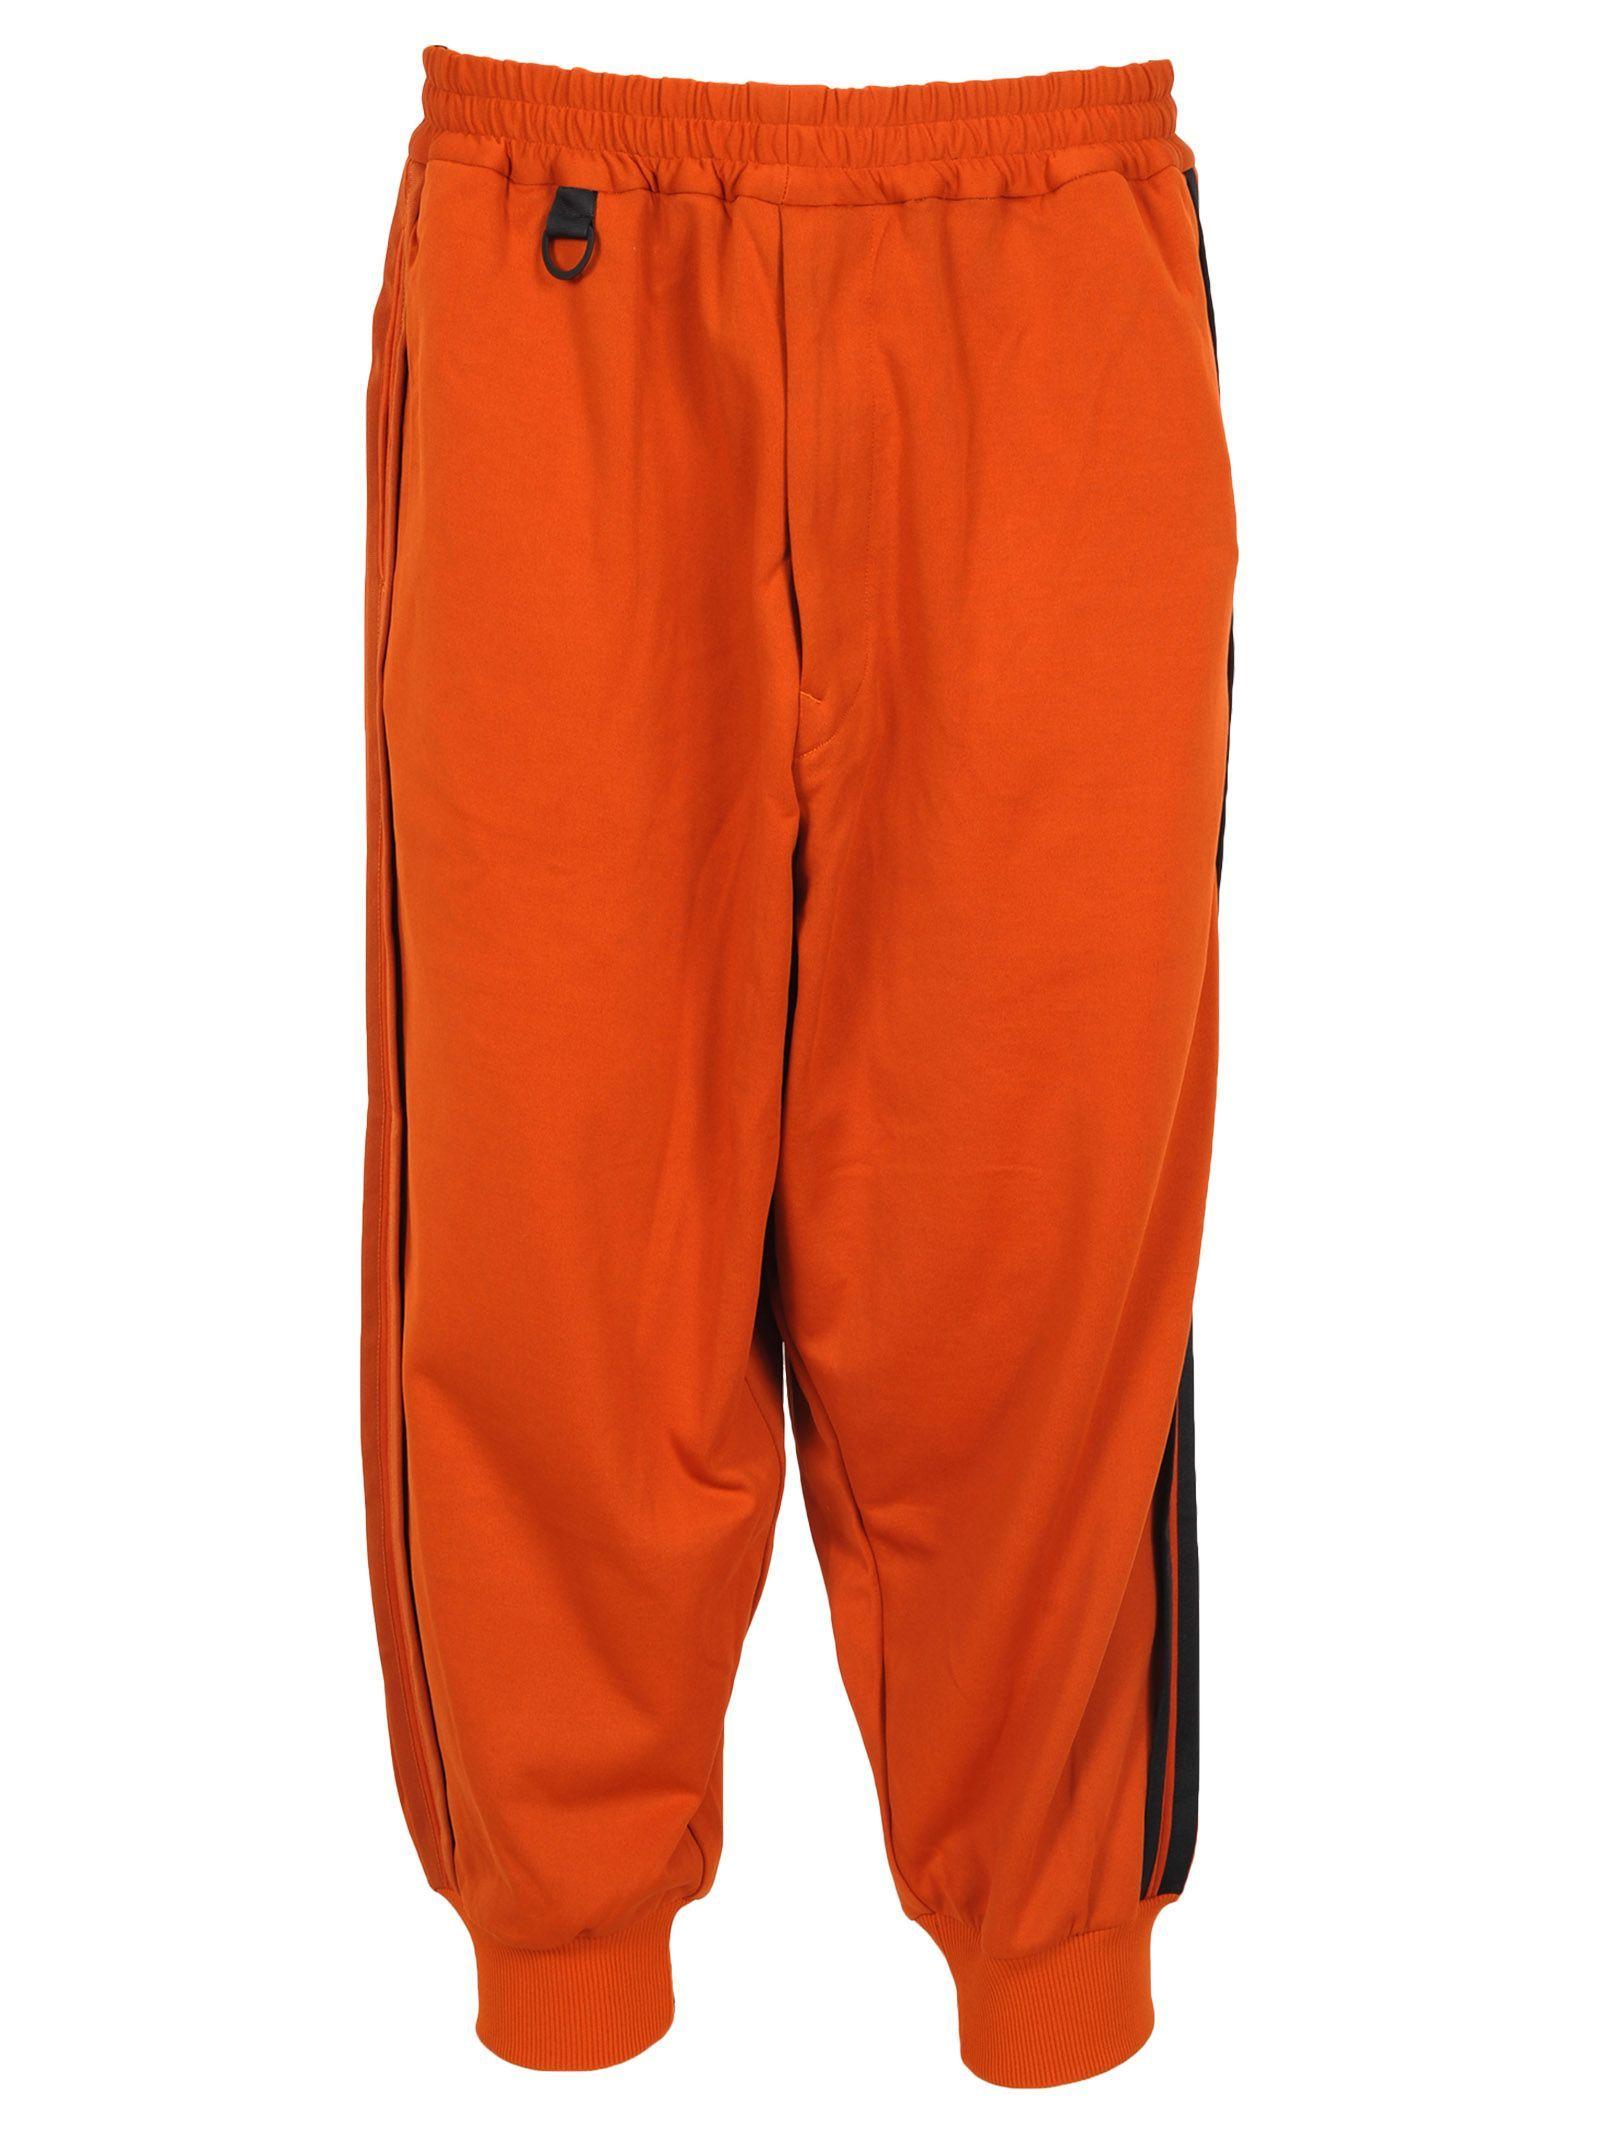 8922ad08d Y-3 ADIDAS Y3 JOGGING PANTS BAND.  y-3  cloth